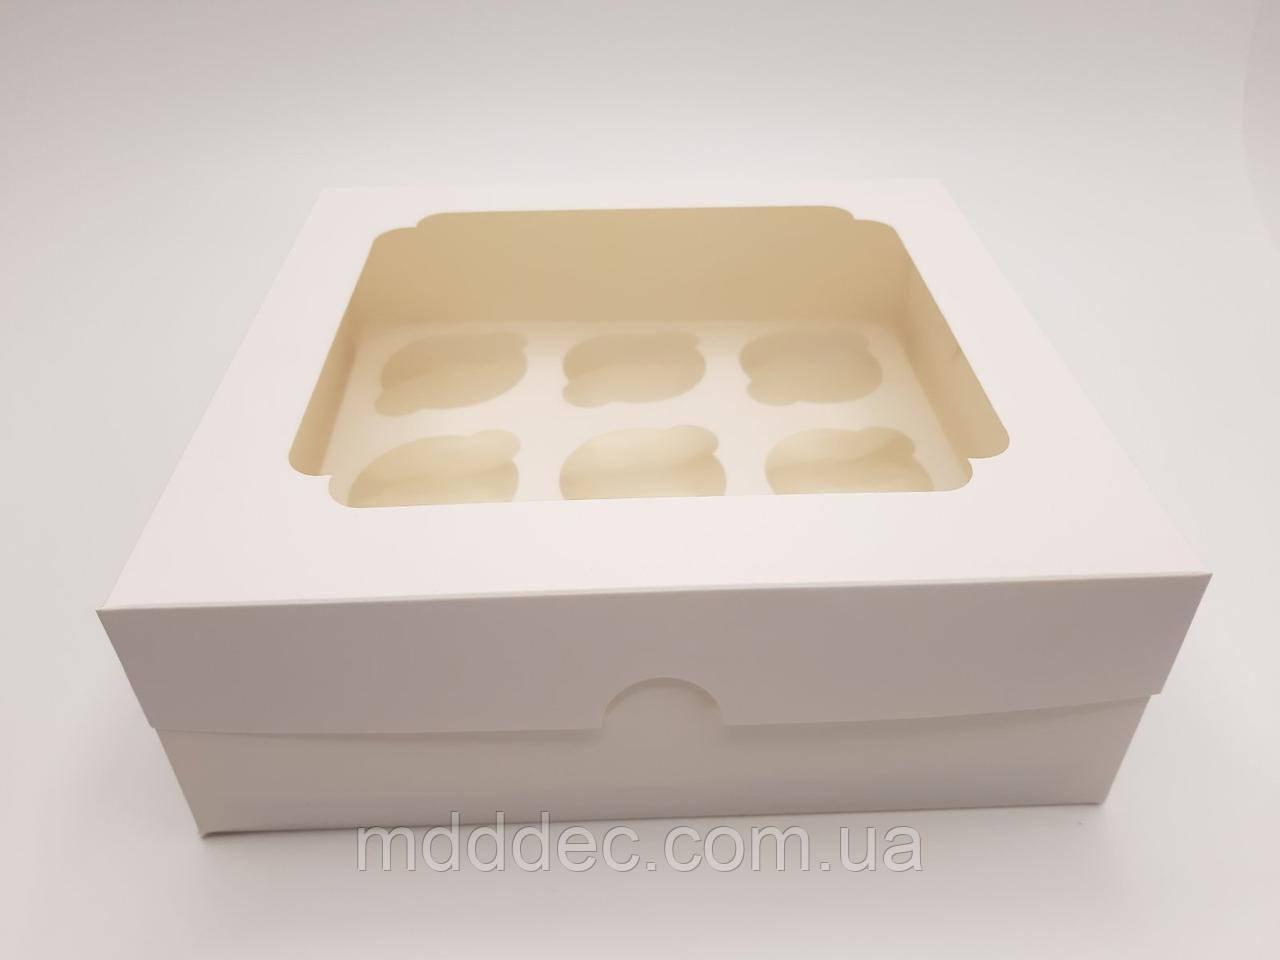 Коробка для кексів 9 шт Біла з вікном